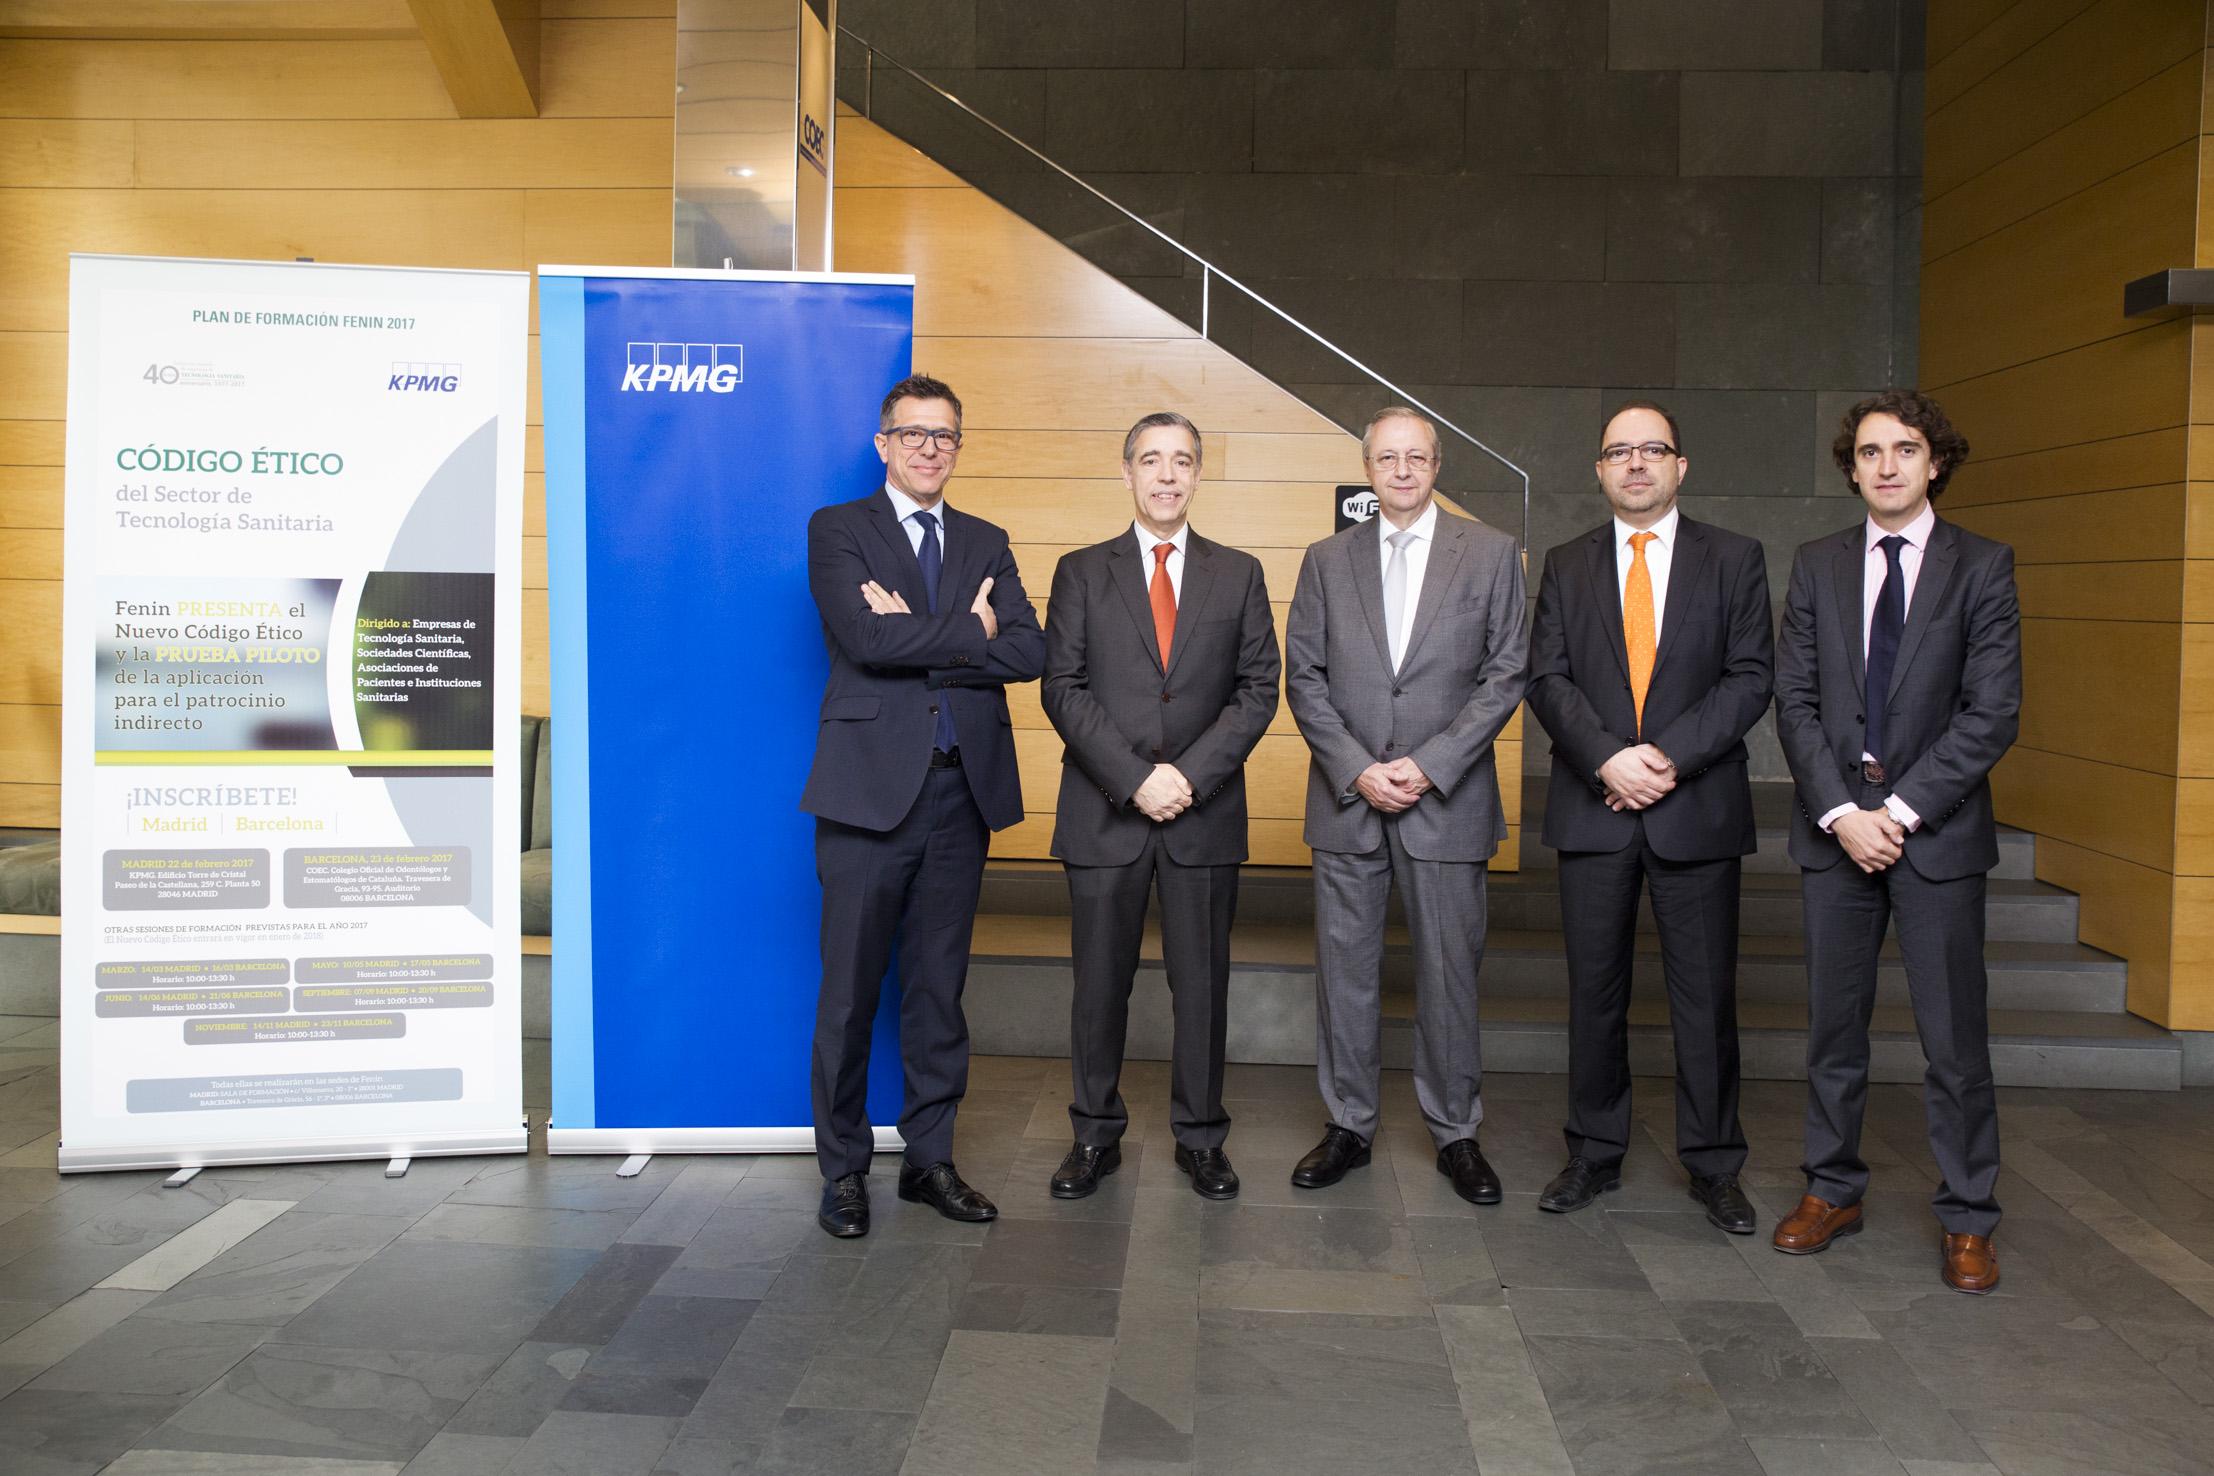 Acuerdo entre Fenin y KPMG para garantizar la integridad de las ayudas a la formación en el Sector de Tecnología Sanitaria